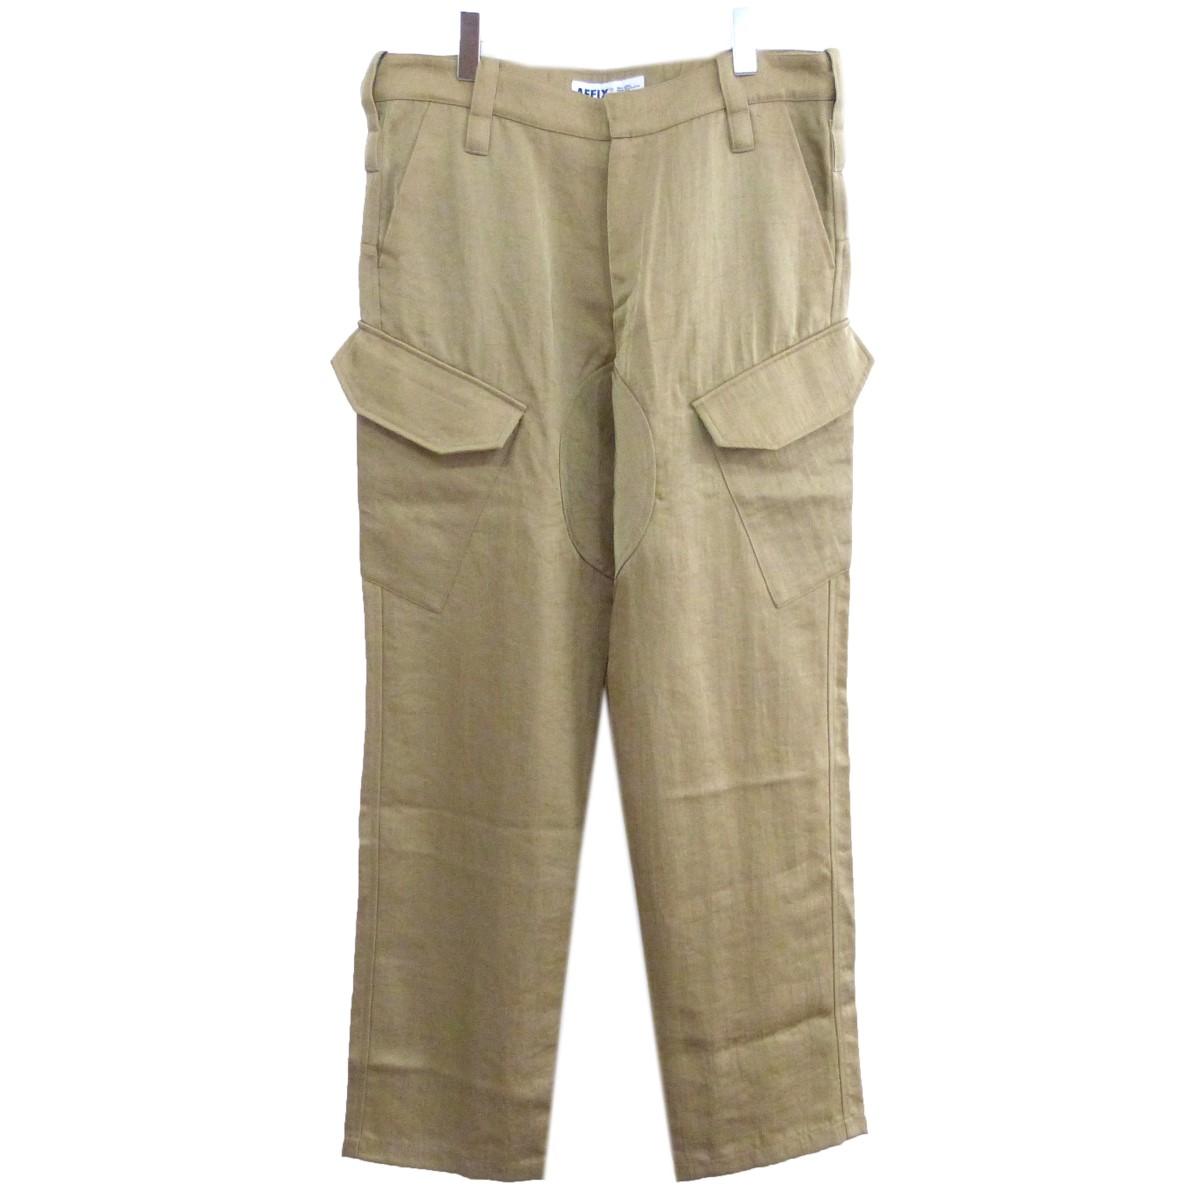 【中古】AFFIX 19SS「NYLON SERVICE PANTS」ナイロンサービスパンツ ベージュ サイズ:34 【260620】(アフィックス)